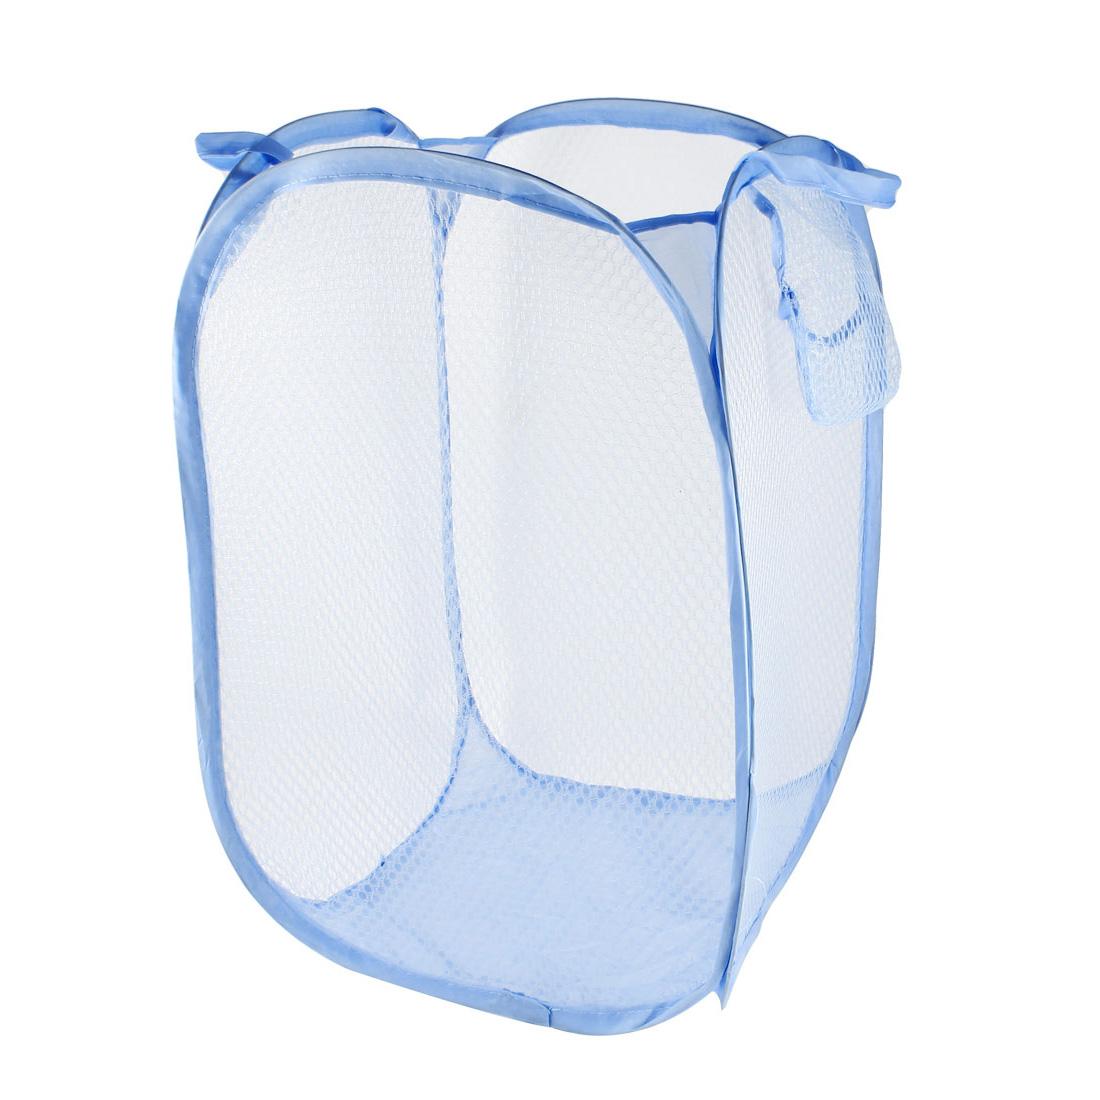 Laundry Bag Basket Pop Up Mesh Hamper Foldable Wash Clothes Storage Bin Blue